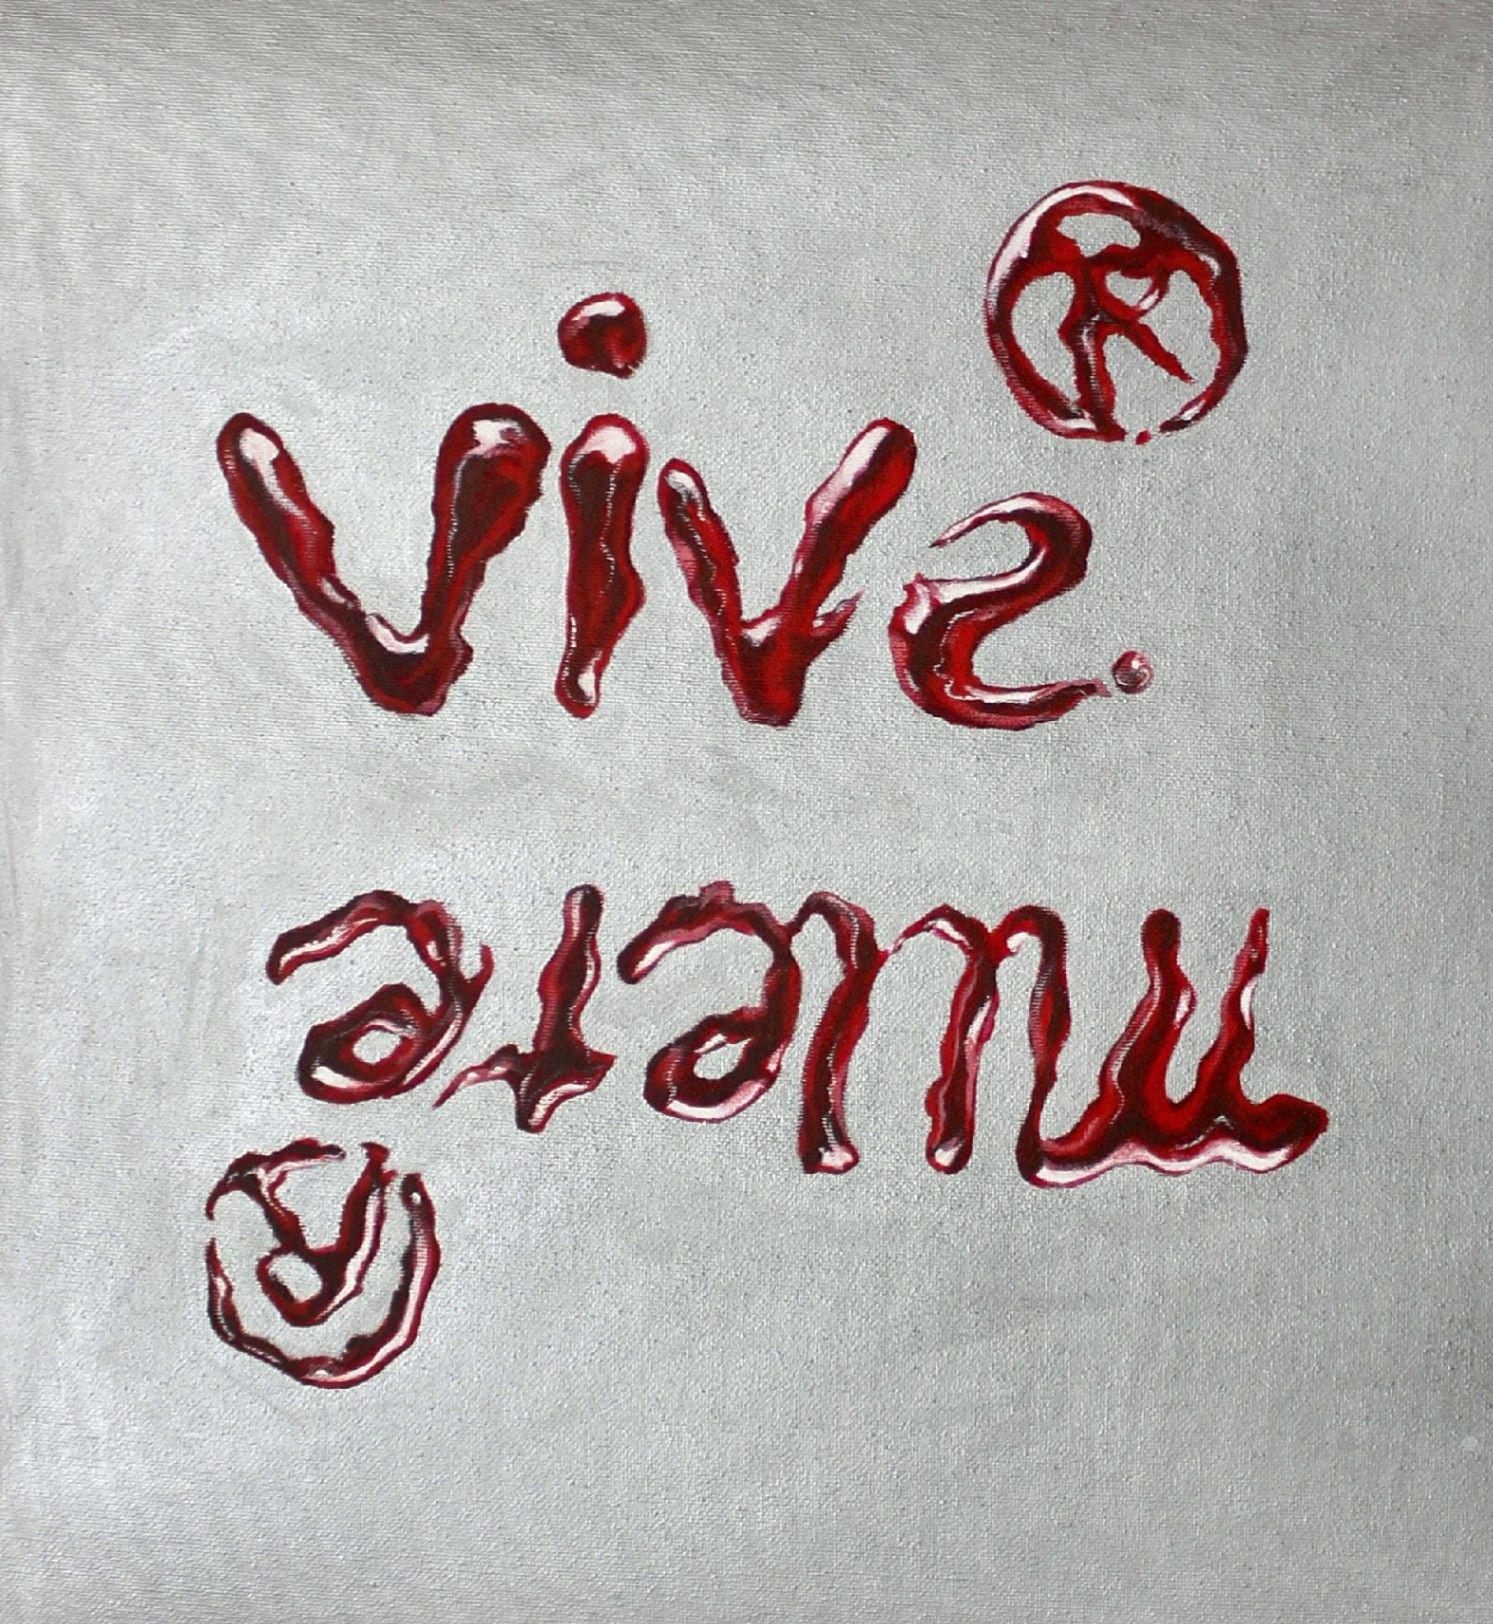 Obra: Vive y muere